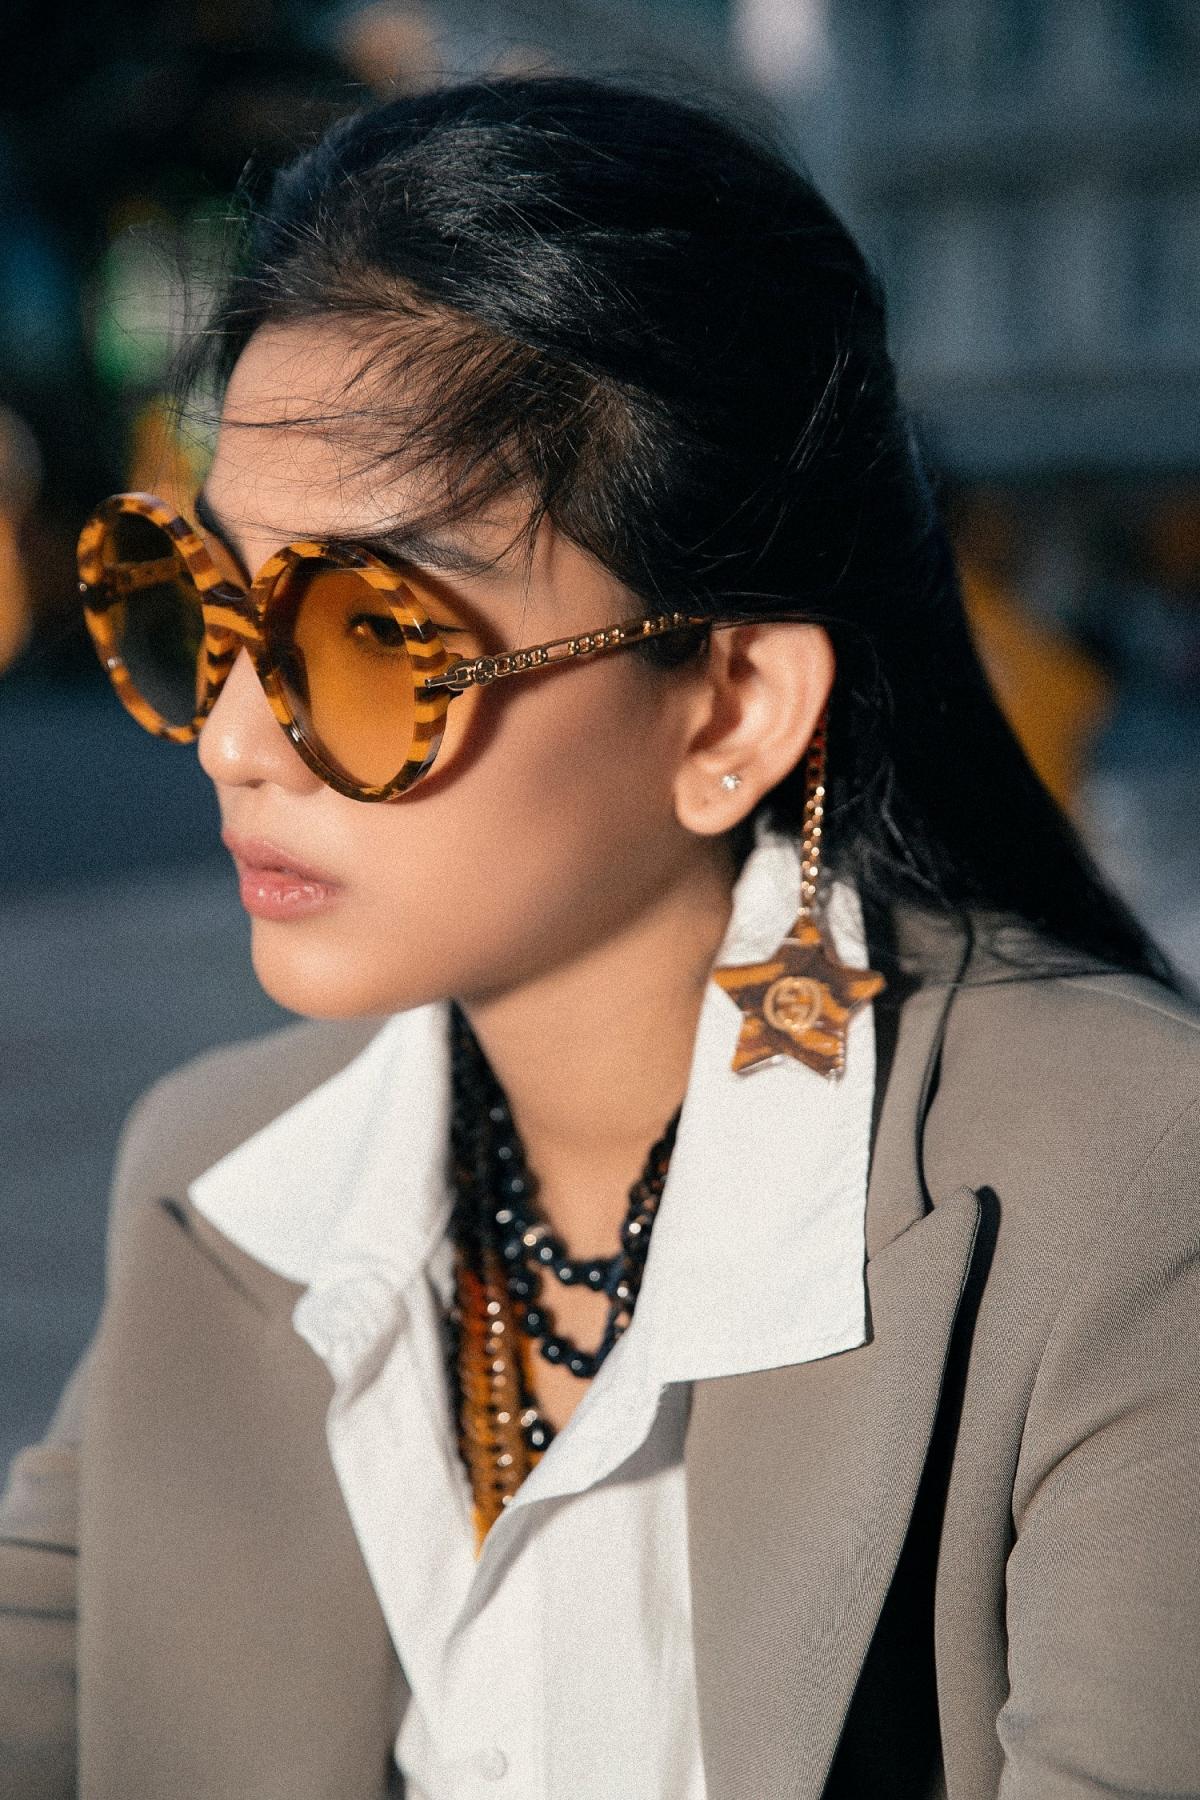 Trong bộ ảnh thời trang mới nhất của mình, á hậu Trương Thị May khoe nhan sắc xinh đẹp bên cạnh phong cách thời trang đầy cá tính của mình.